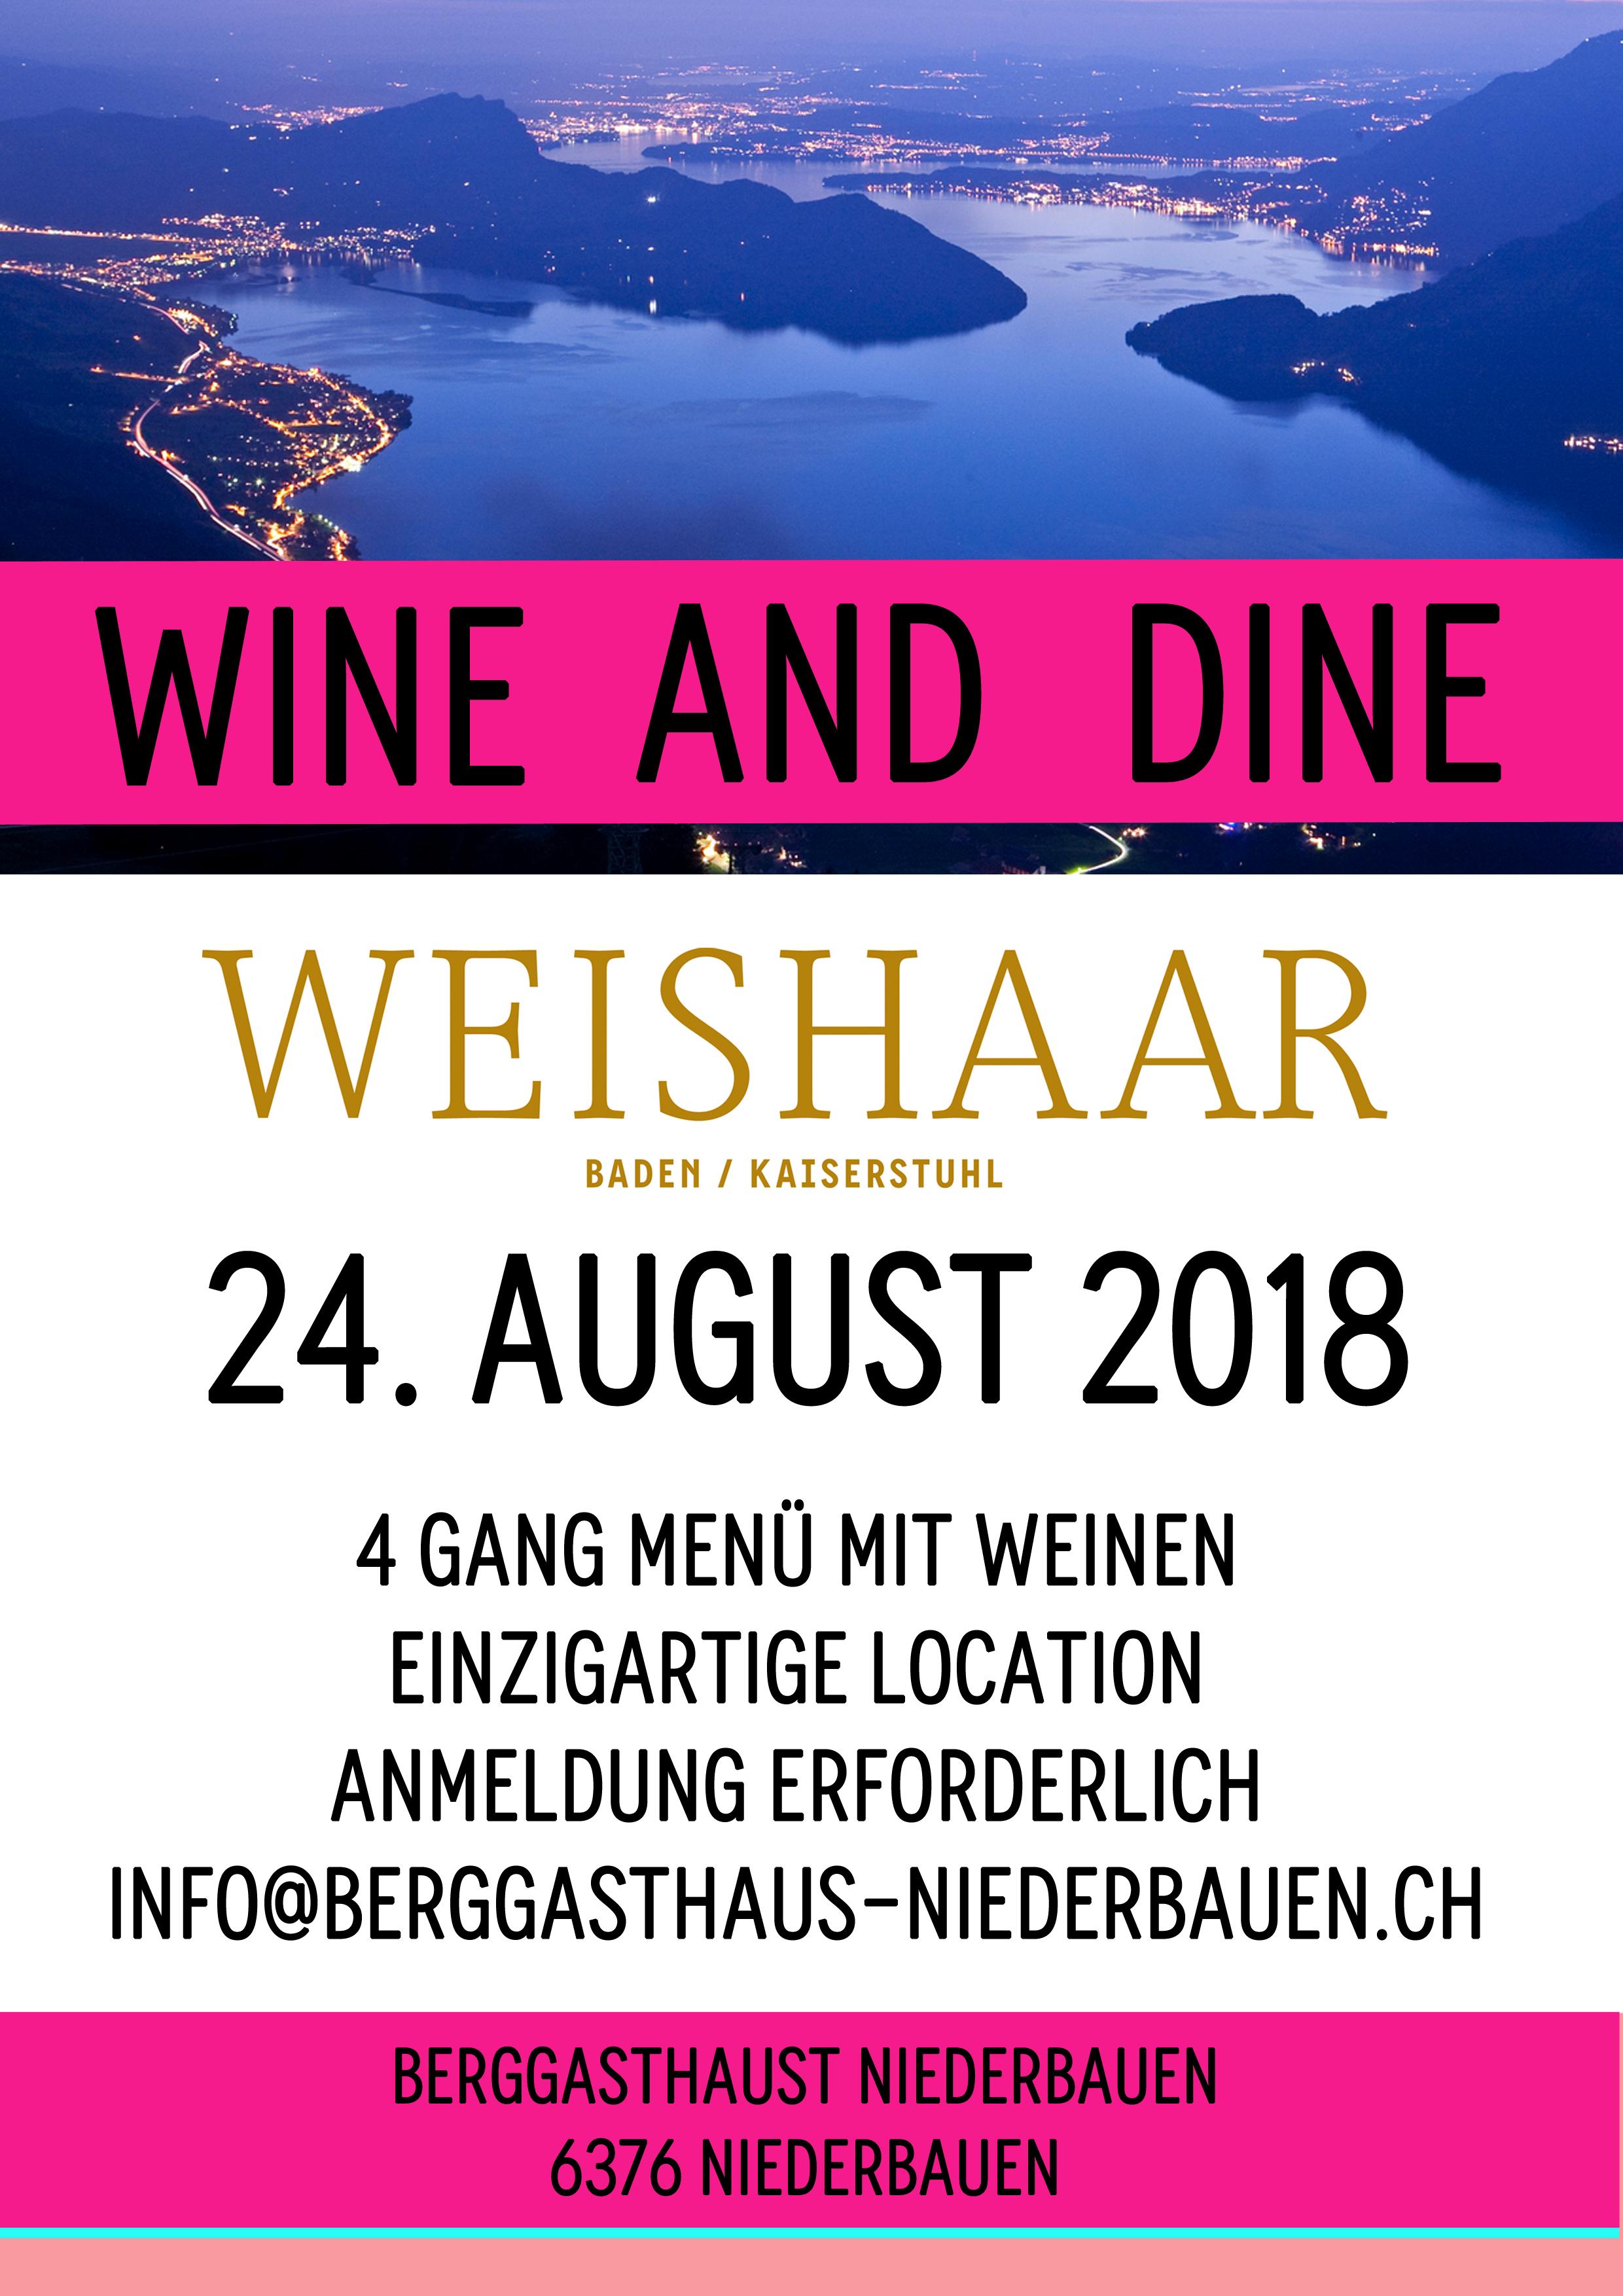 Wine and Dine am 24. August 2018 in Emmetten, Schweiz